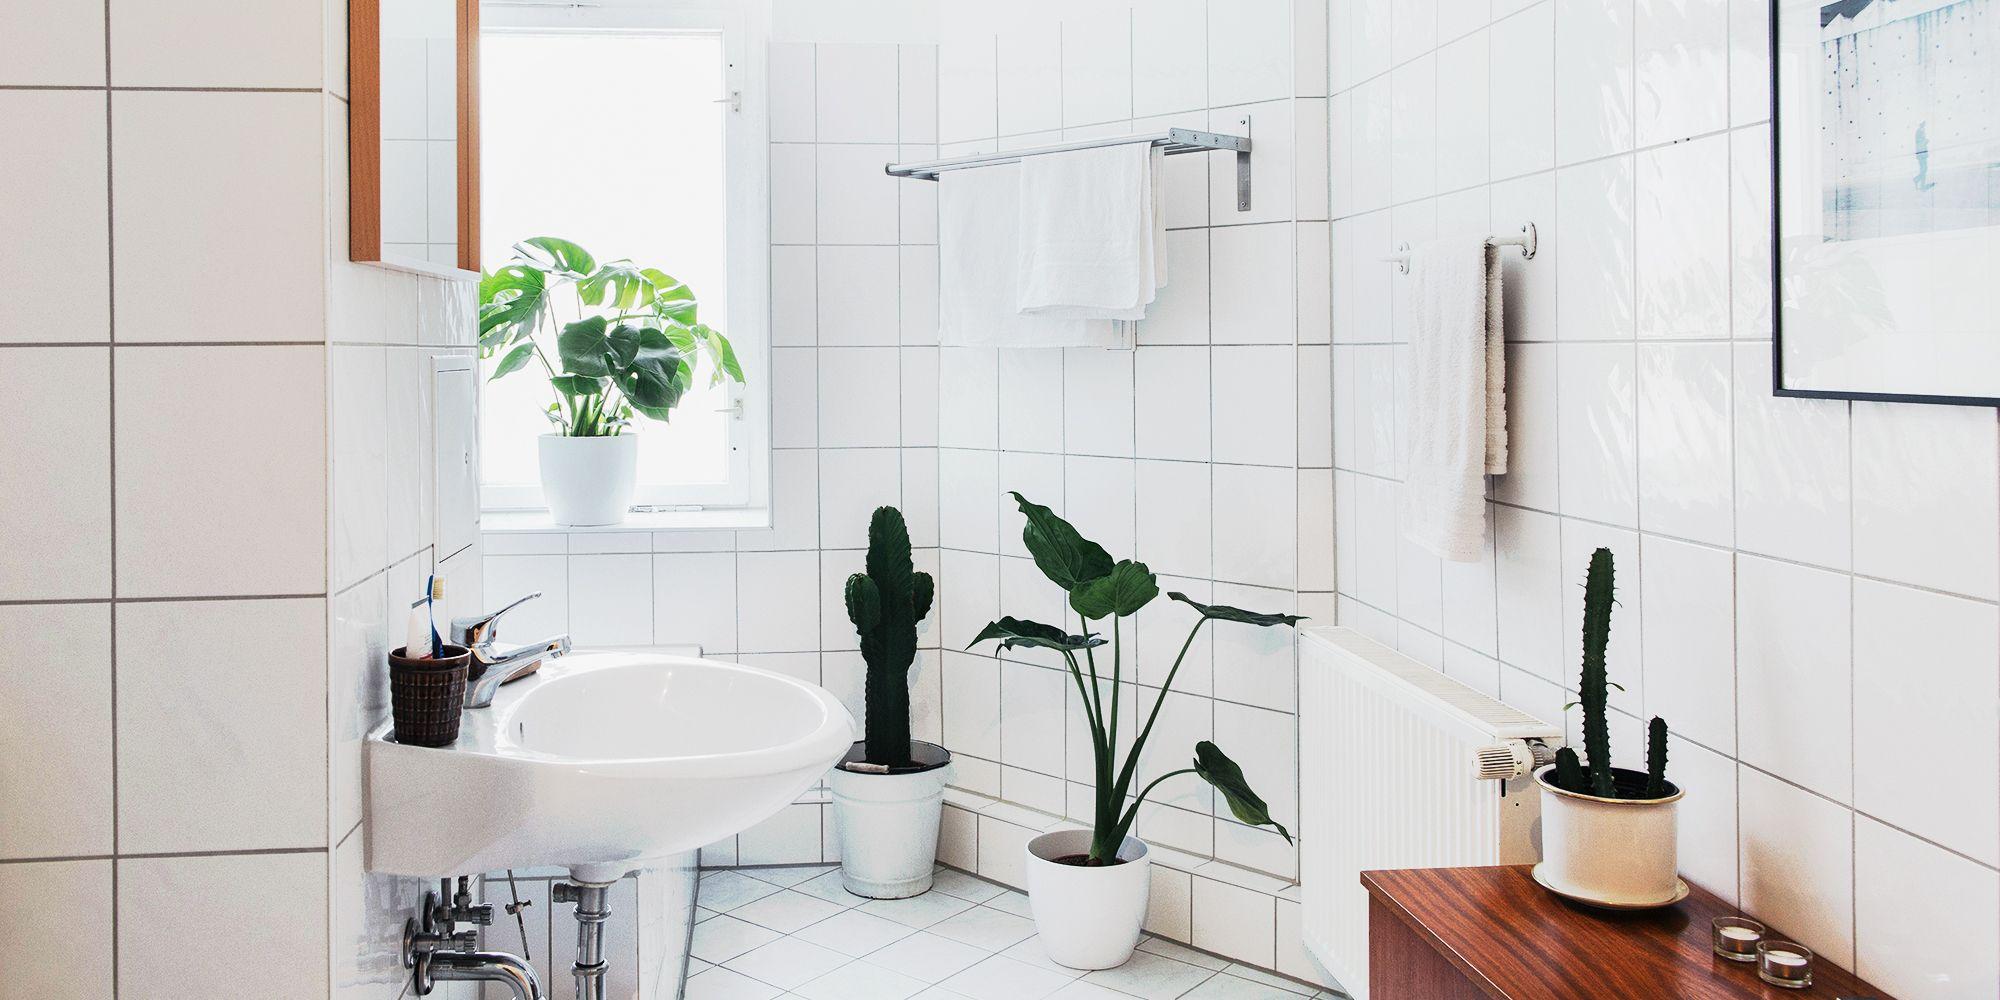 & 9 Best Bathroom Towel Racks for 2019 - Chic Towel Bars \u0026 Racks